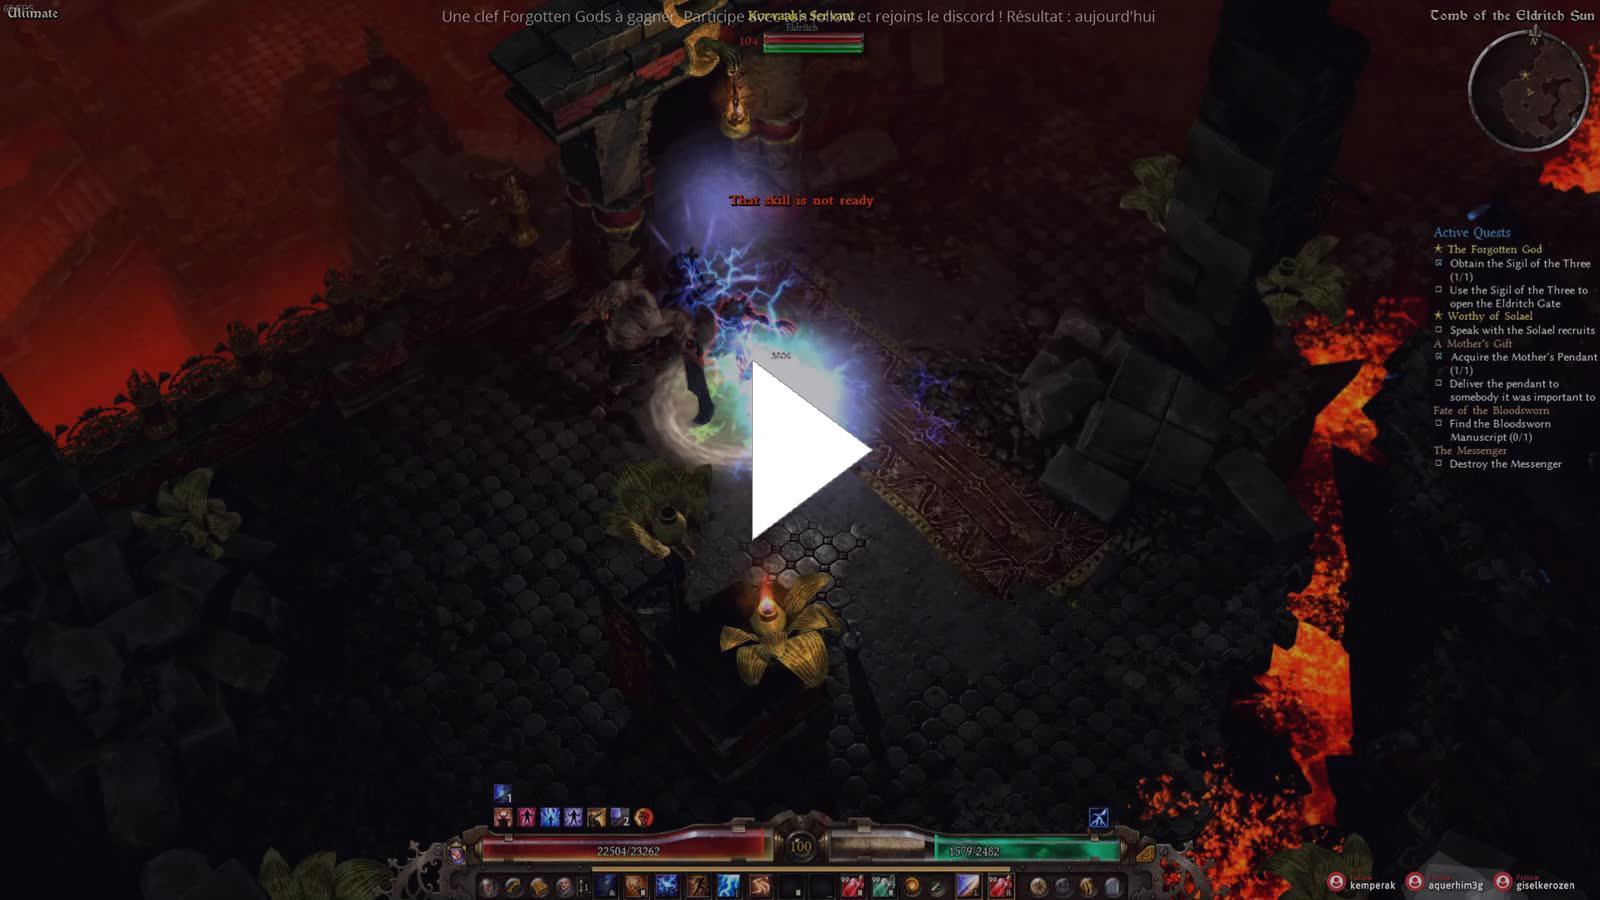 Exzyen - [FR] Forgotten Gods ensemble ! - Twitch